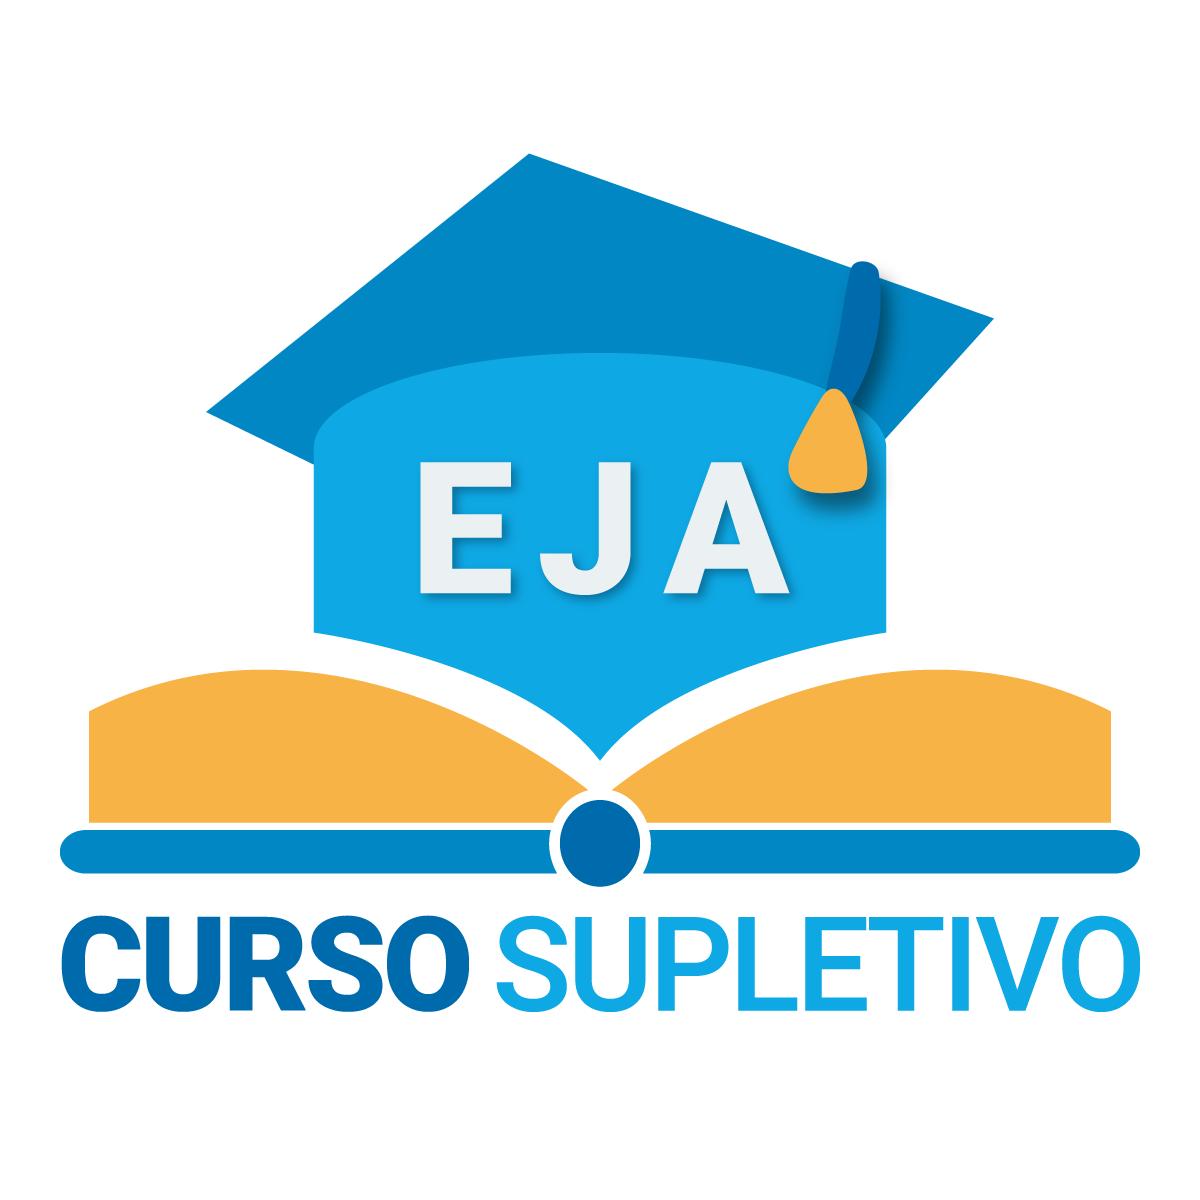 Inscrição EJA Curso Supletivo